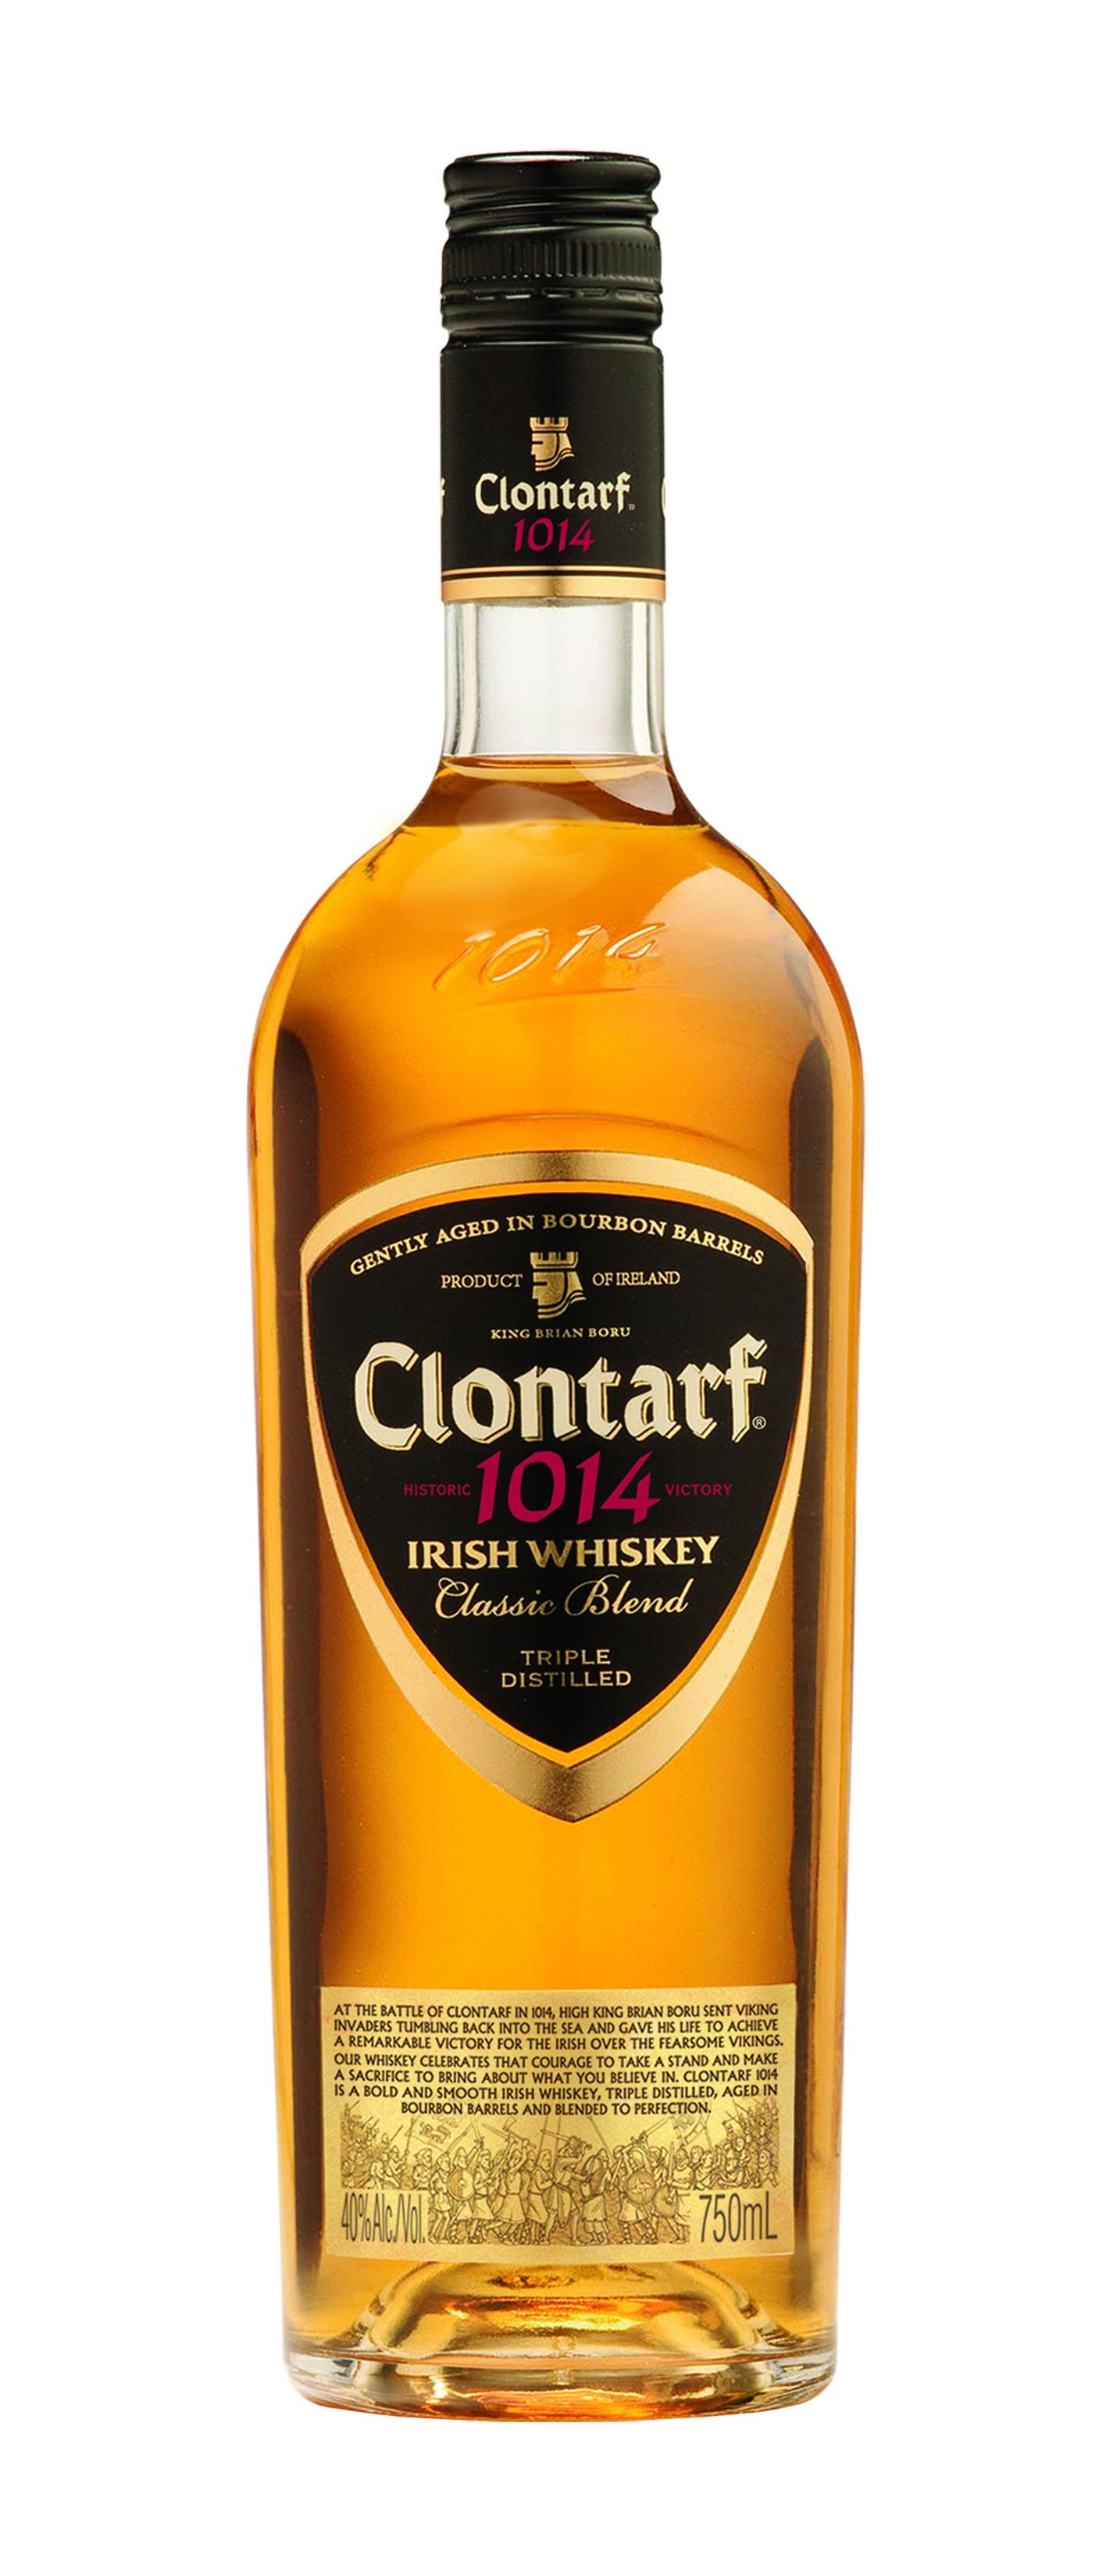 File:Clontarf 1014 Irish Whiskey.jpg